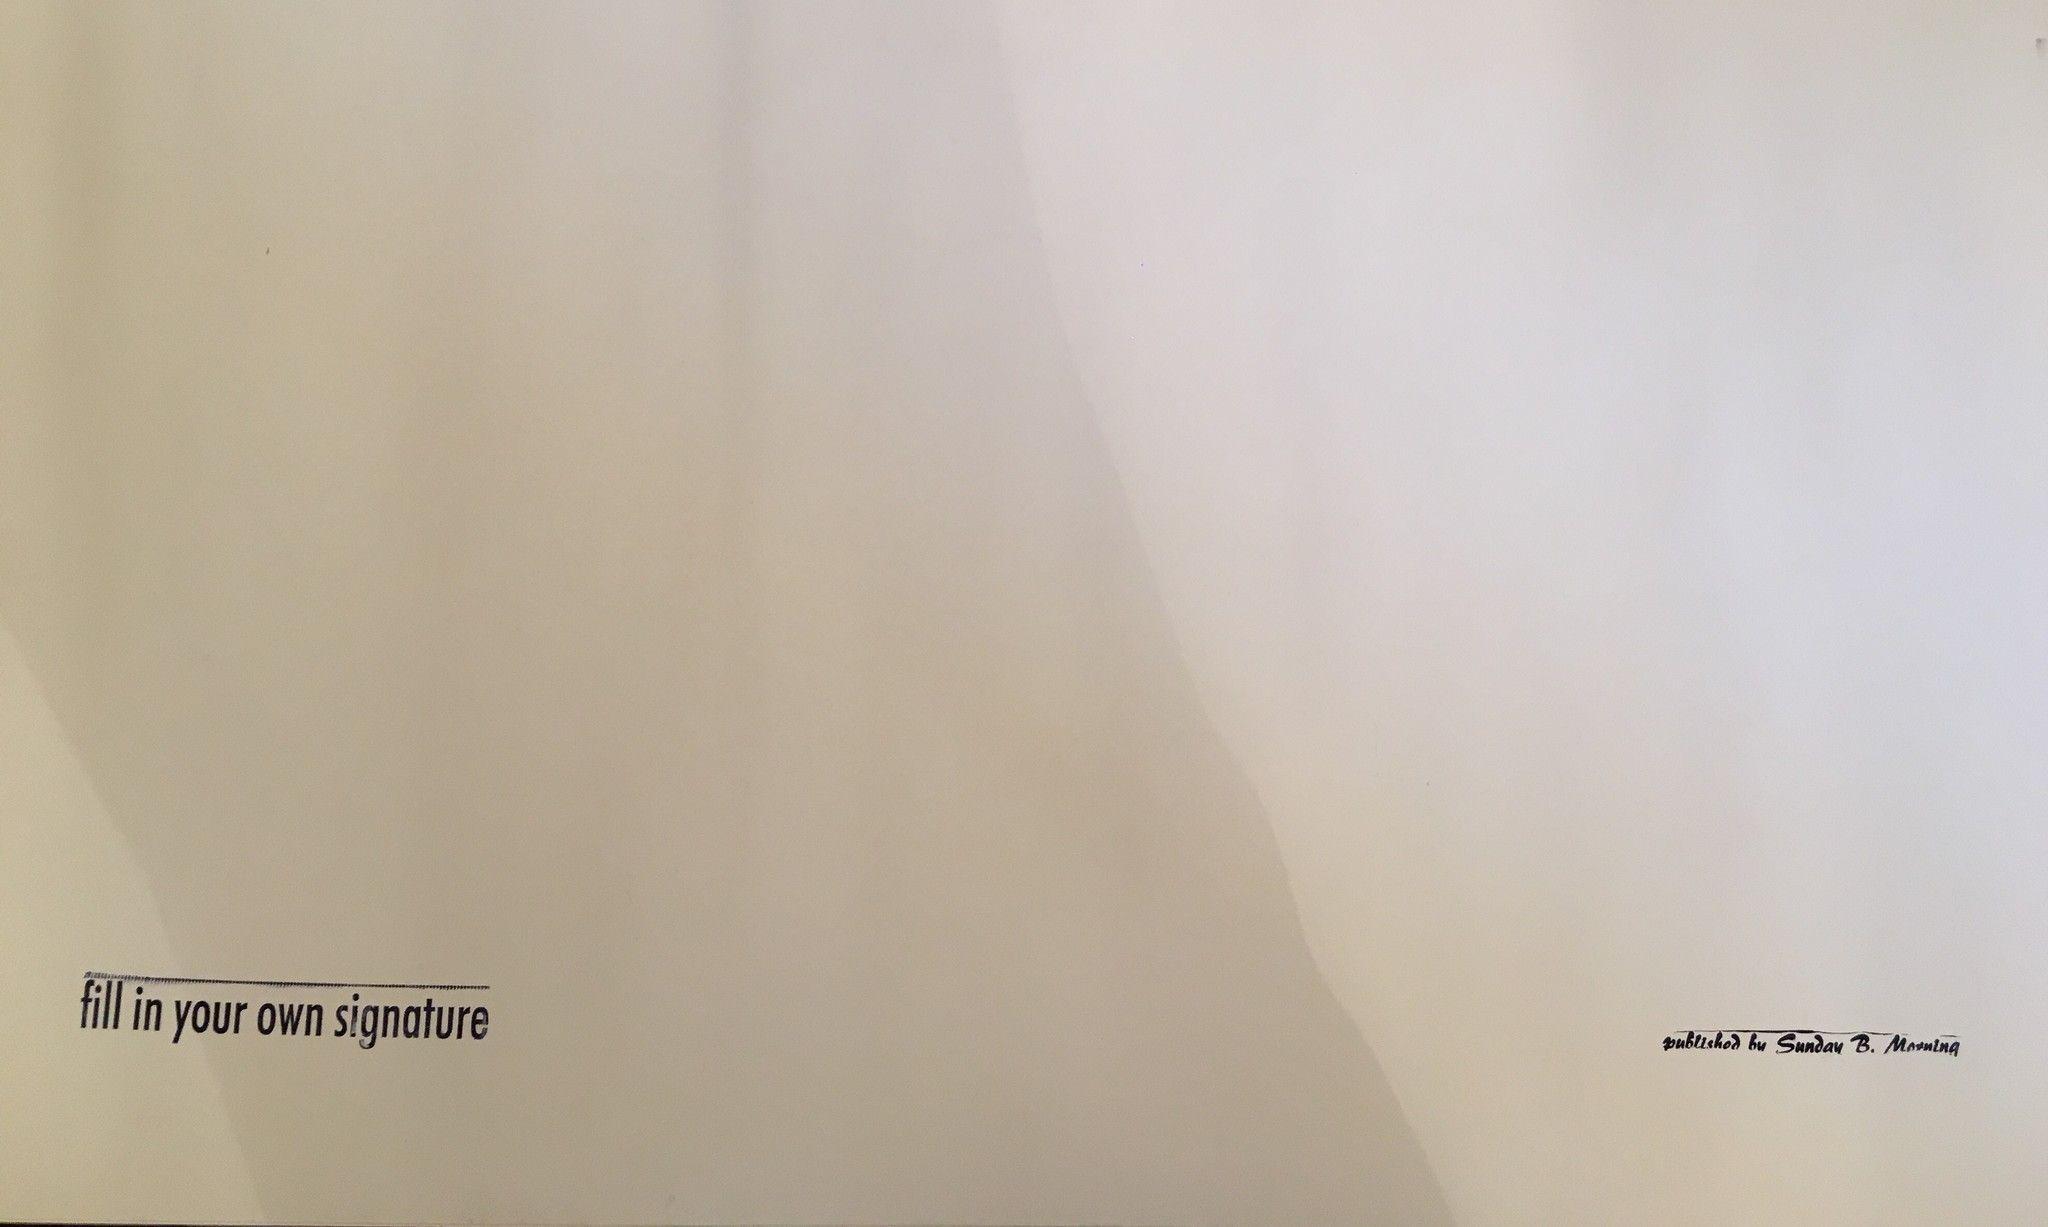 SERIGRAFIA ANDY WARHOL ' MARILYN 8 '  dimensioni L 91,5  H 91,5 cm.